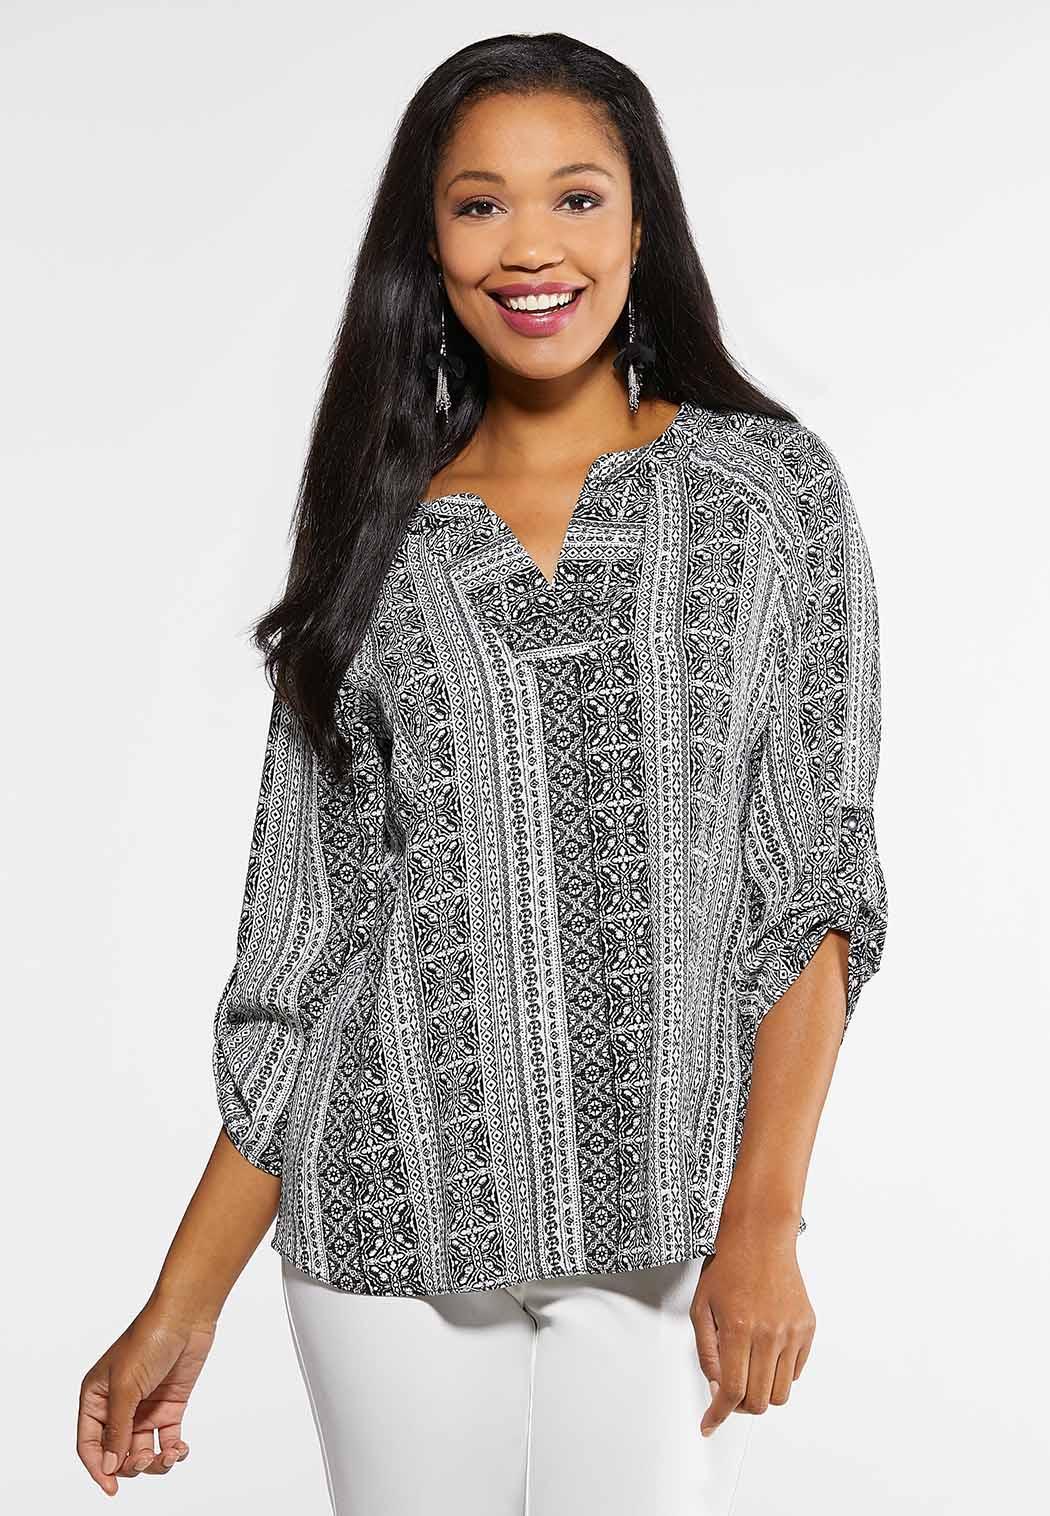 fb41e8f85f4f Women's Shirts & Blouses